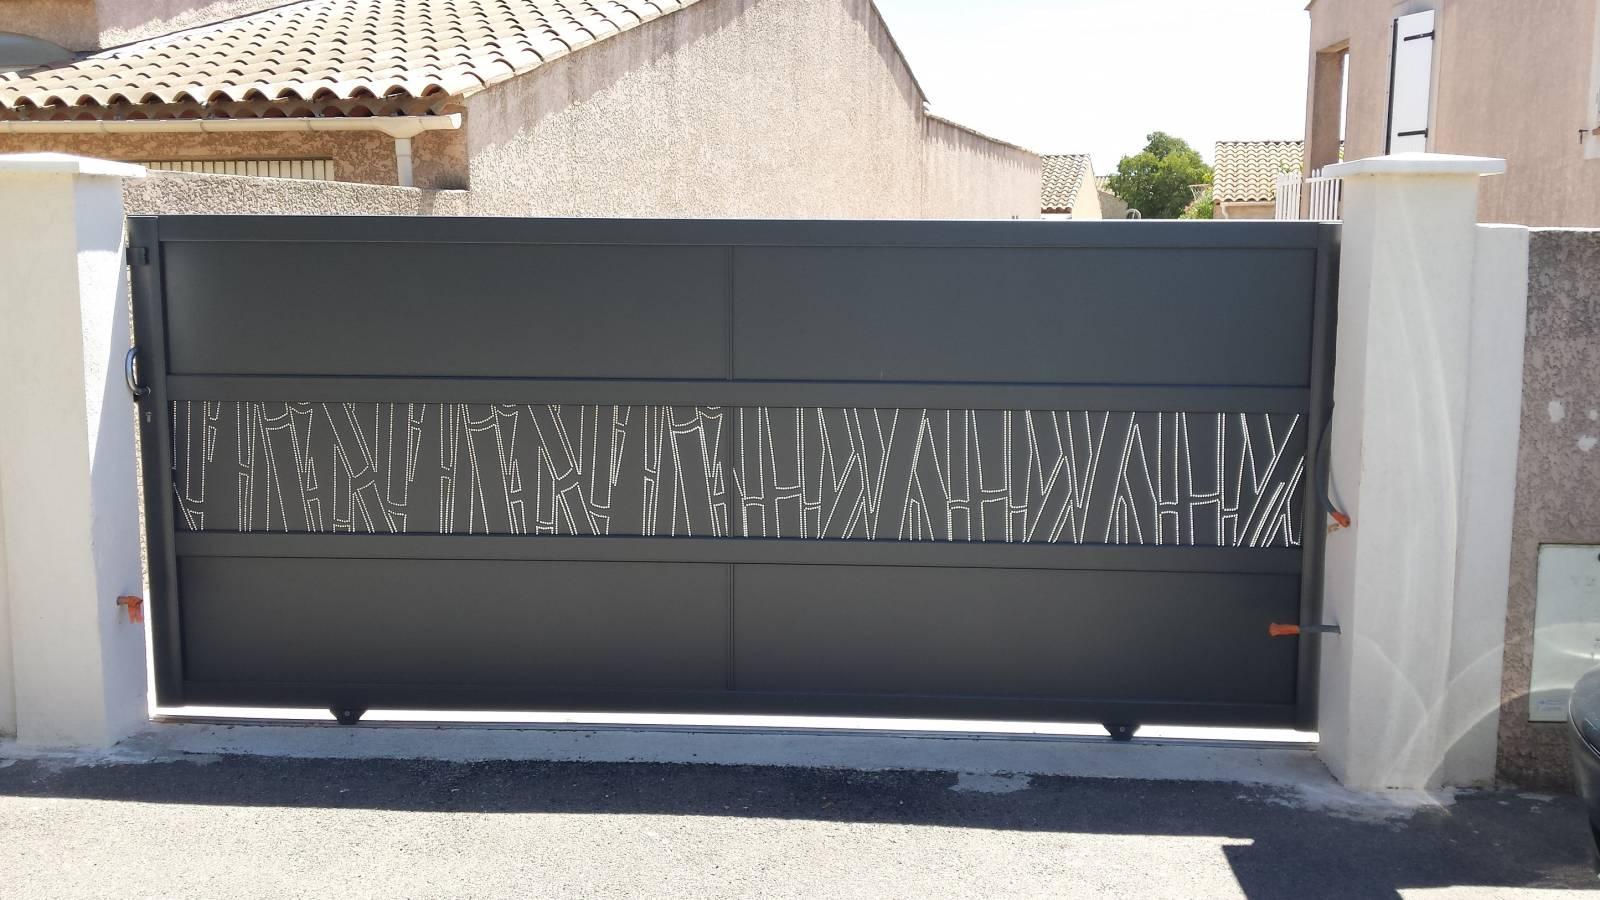 portail coulissant ksm gamme mosaic en aluminium vente de portail automatique istres bouches. Black Bedroom Furniture Sets. Home Design Ideas